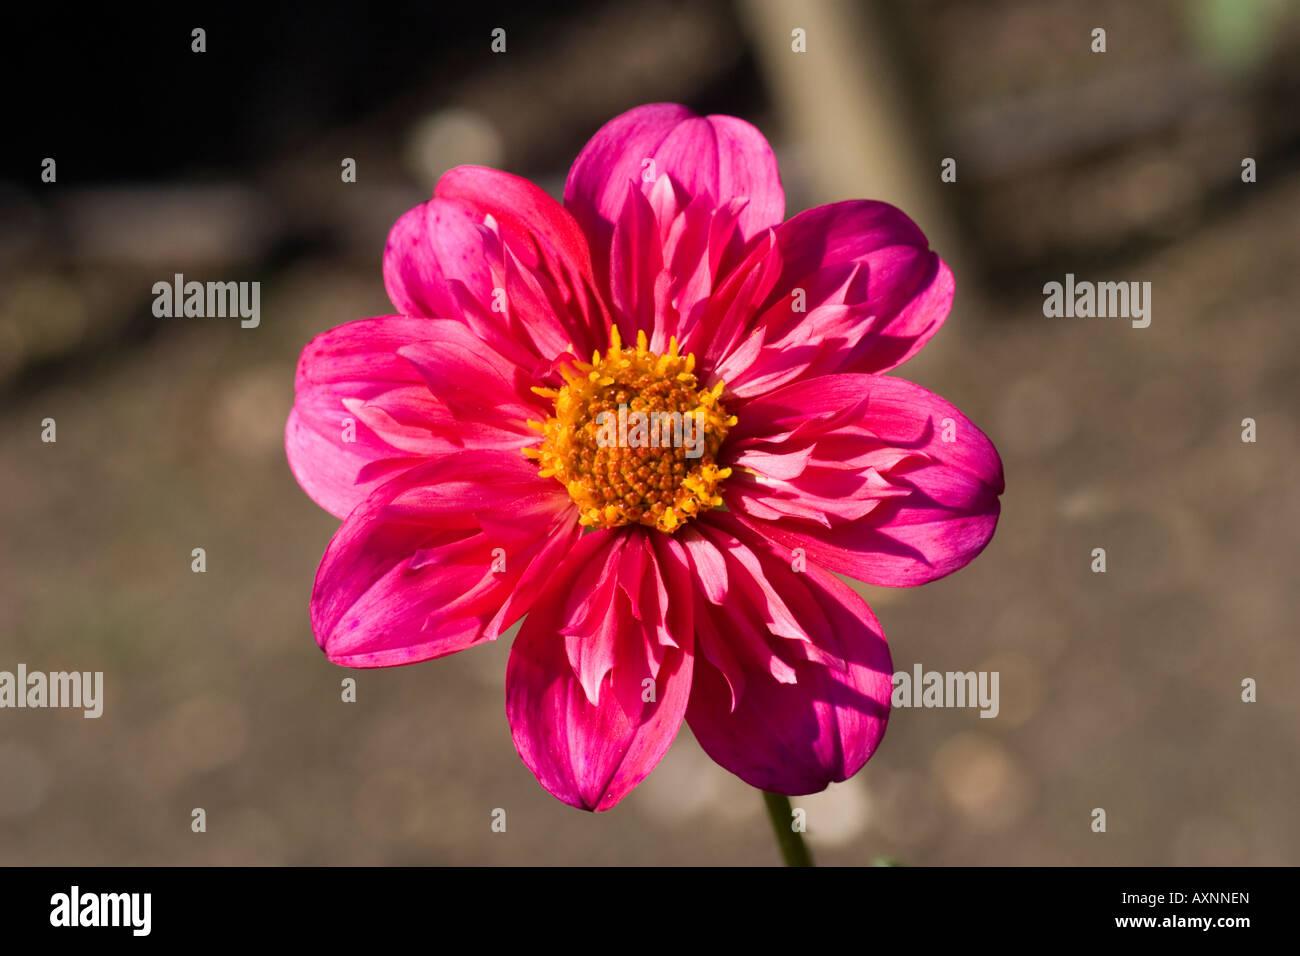 Sarah Thomas Stock Photos & Sarah Thomas Stock Images - Alamy